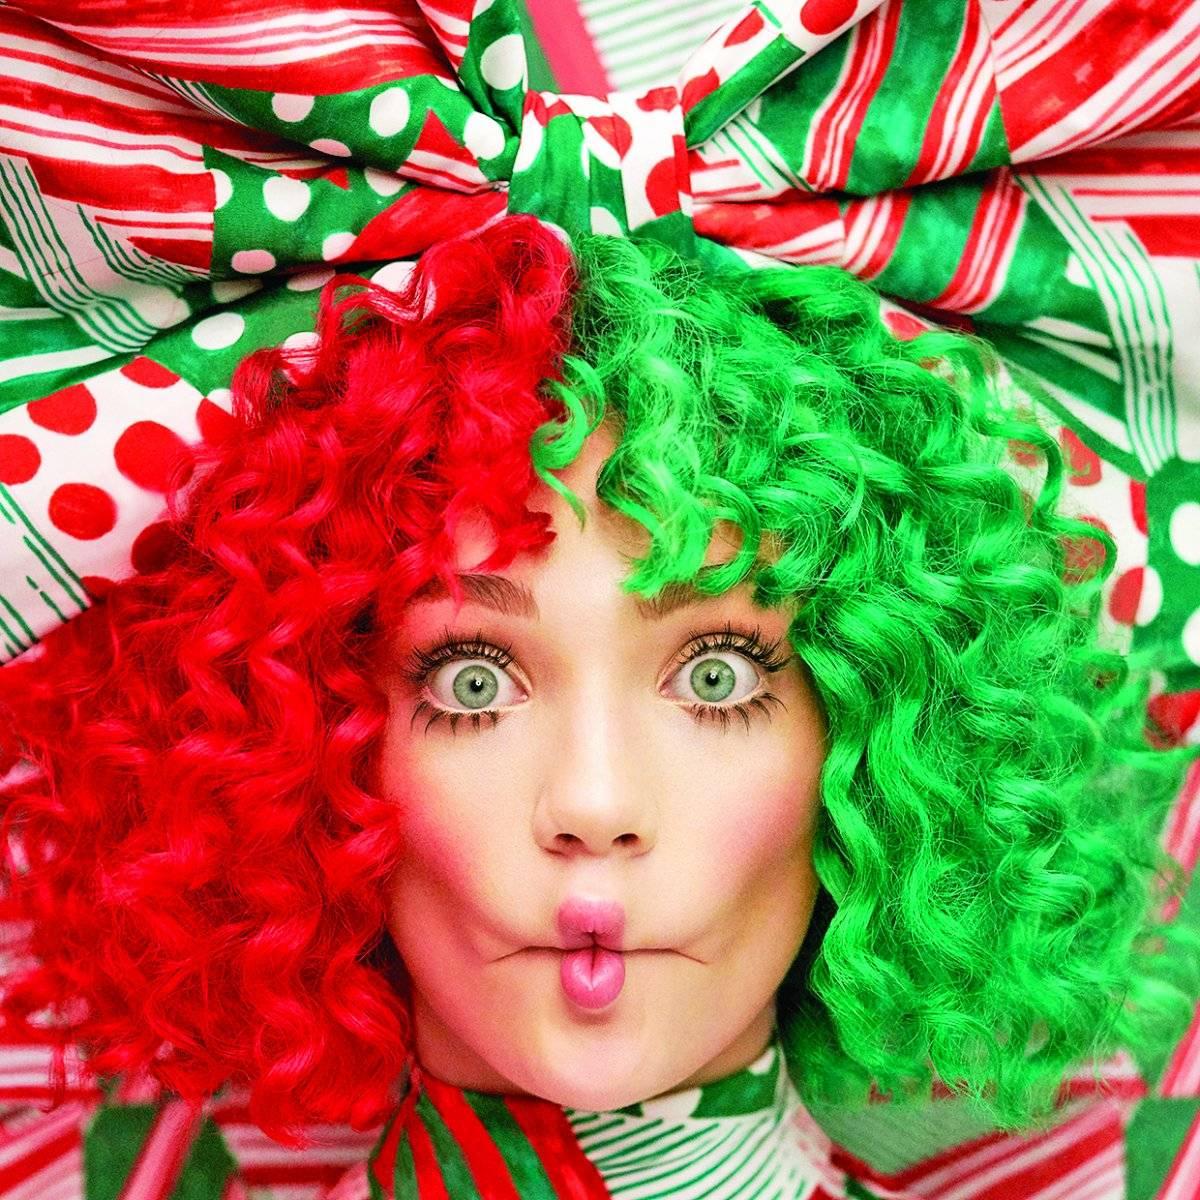 La cantante comparte su espíritu navideño. |cortesía